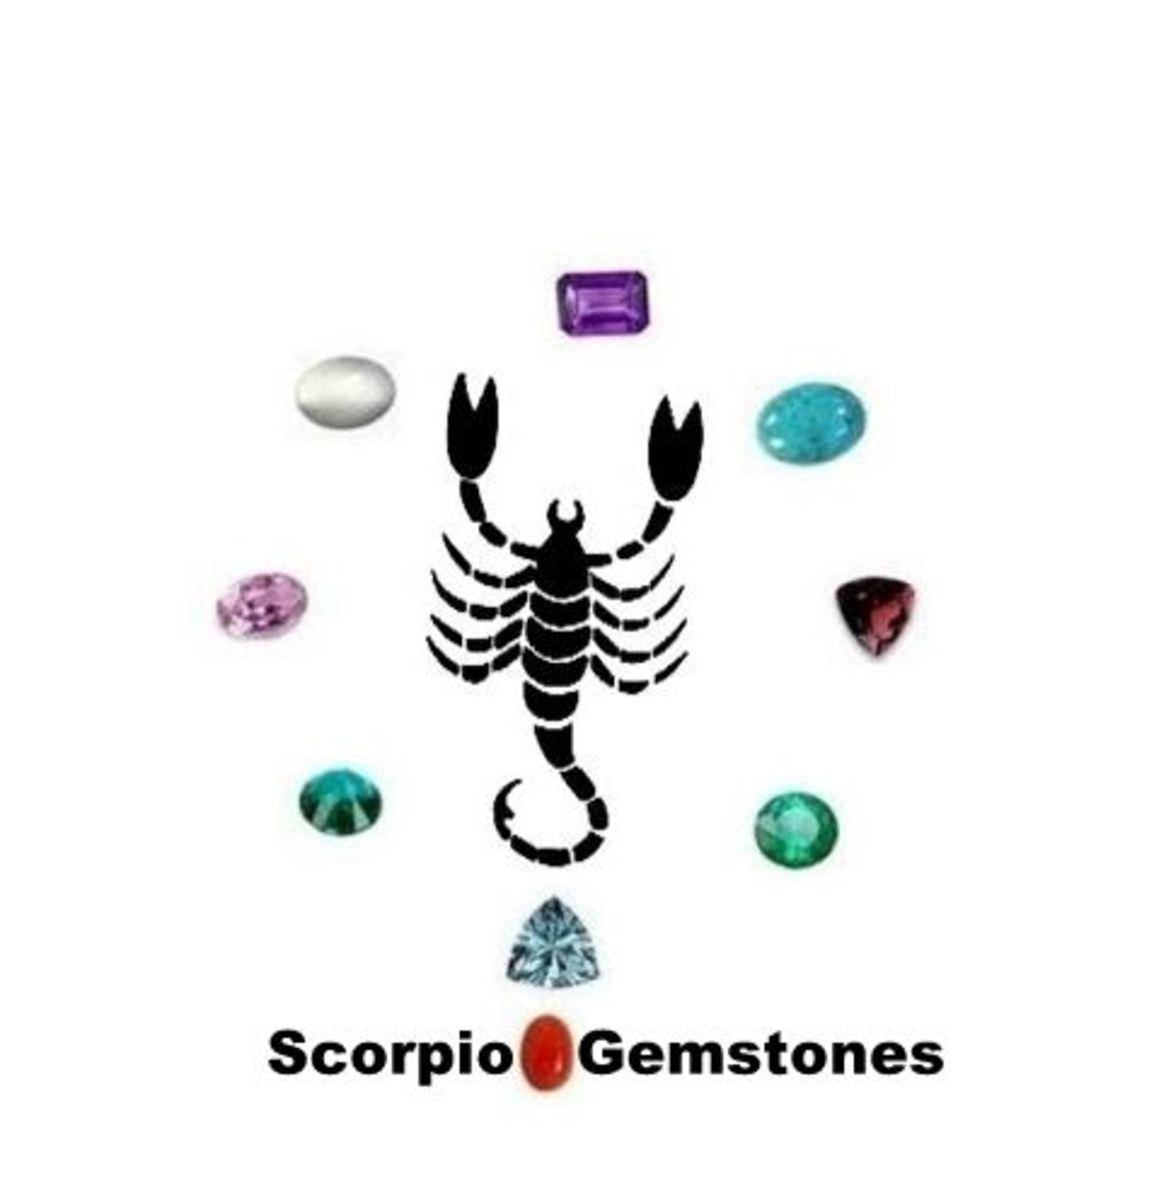 Scorpio Gemstones